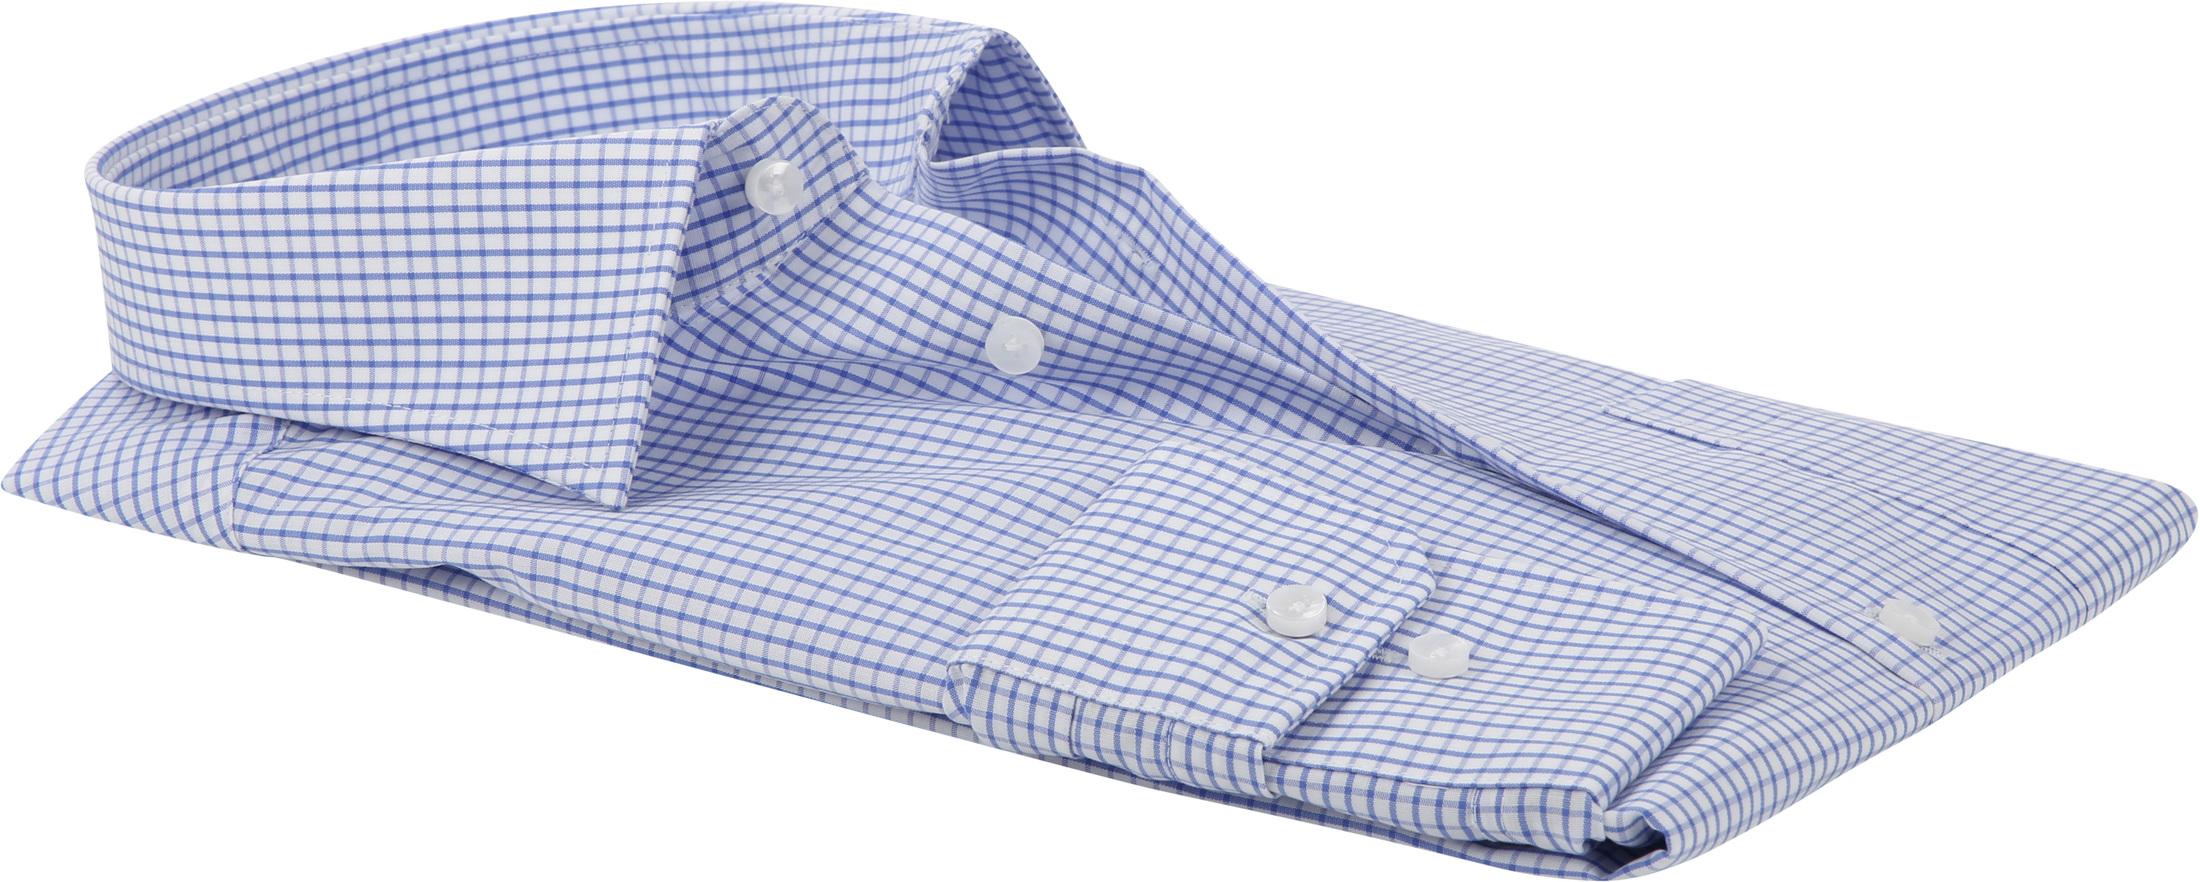 Seidensticker Hemd Bügelfrei Modern Blau Weiß Kariert foto 3